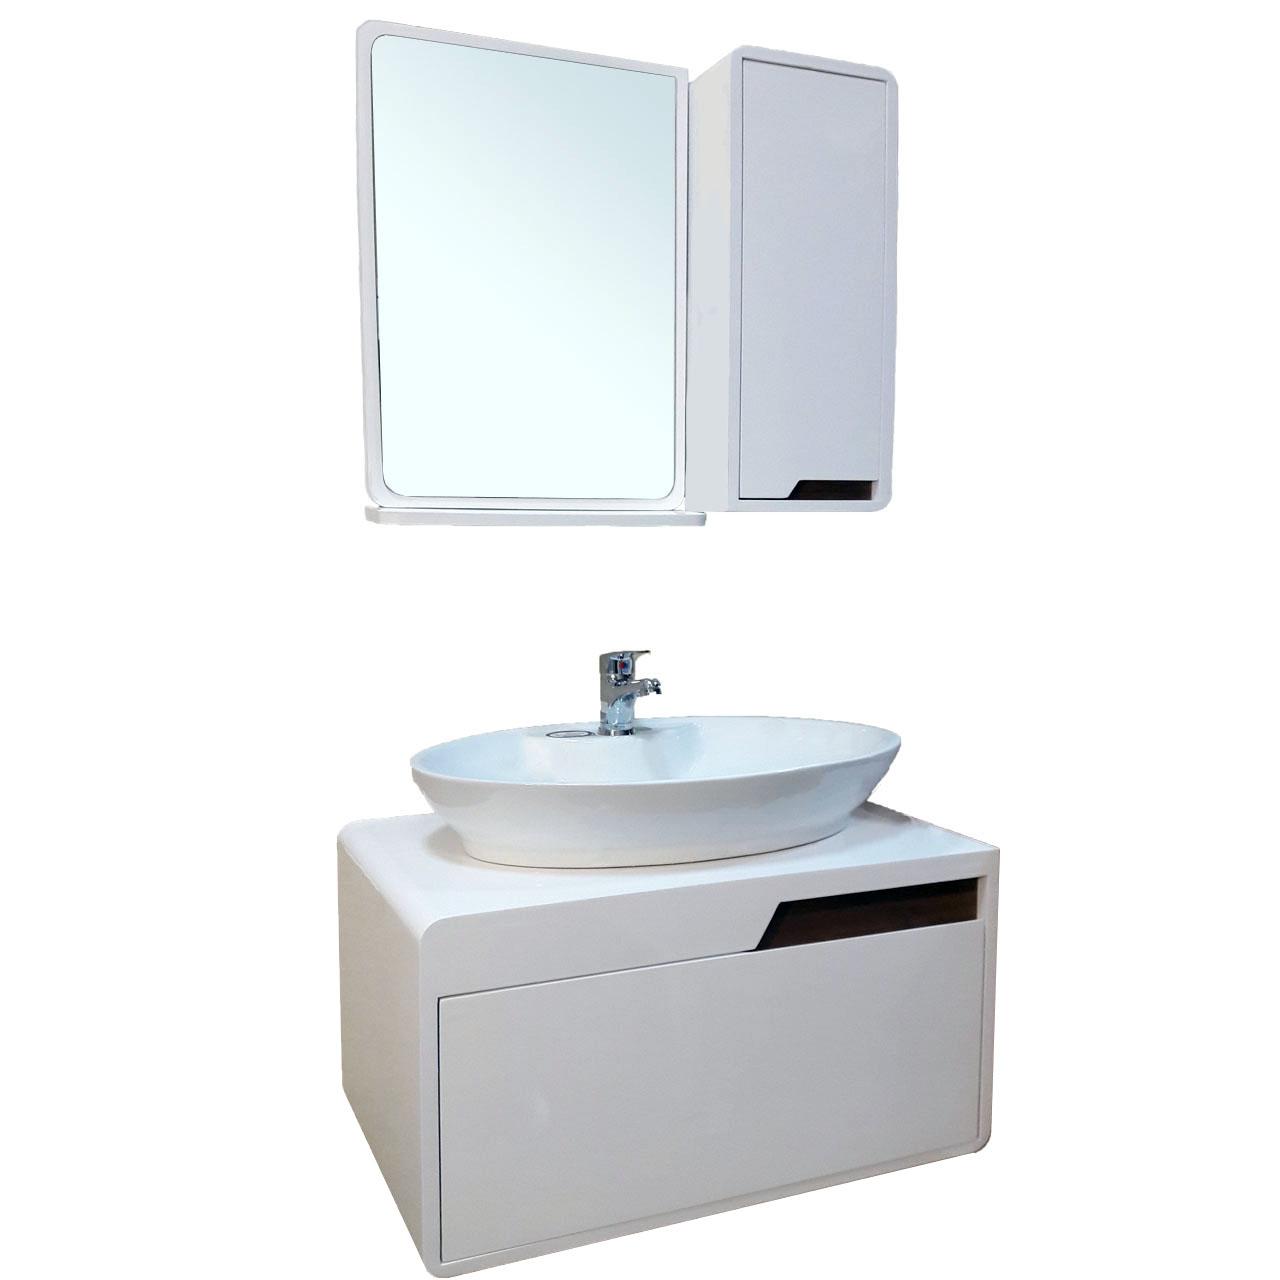 قیمت ست کابینت و روشویی مدل lu604001 به همراه آینه